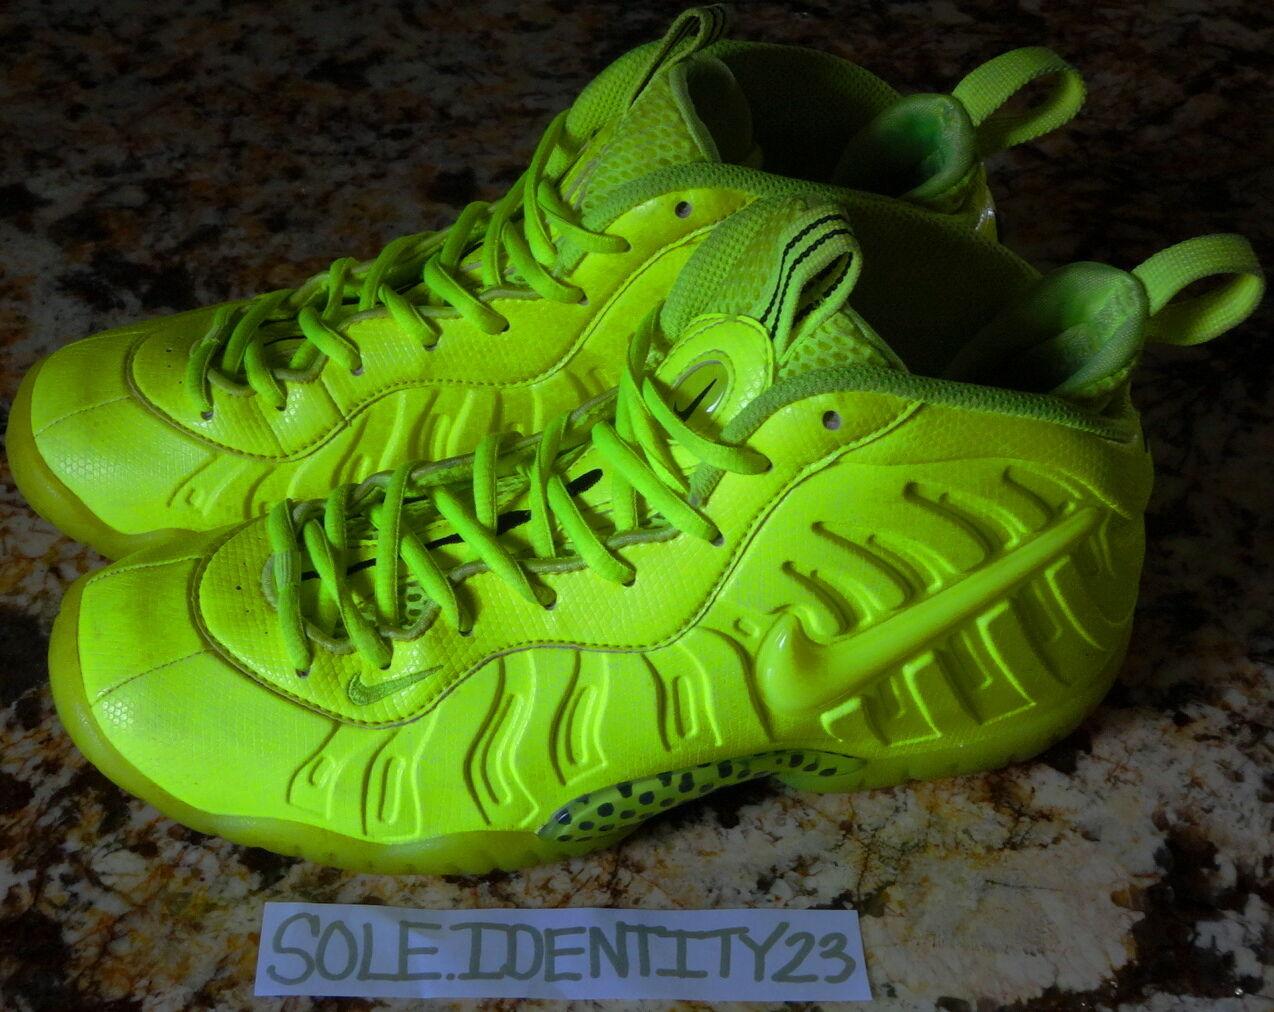 Nike air foamposite professionista un volt evidenziatore giallo tang neon sz 7y electrolime tang giallo 1e3925